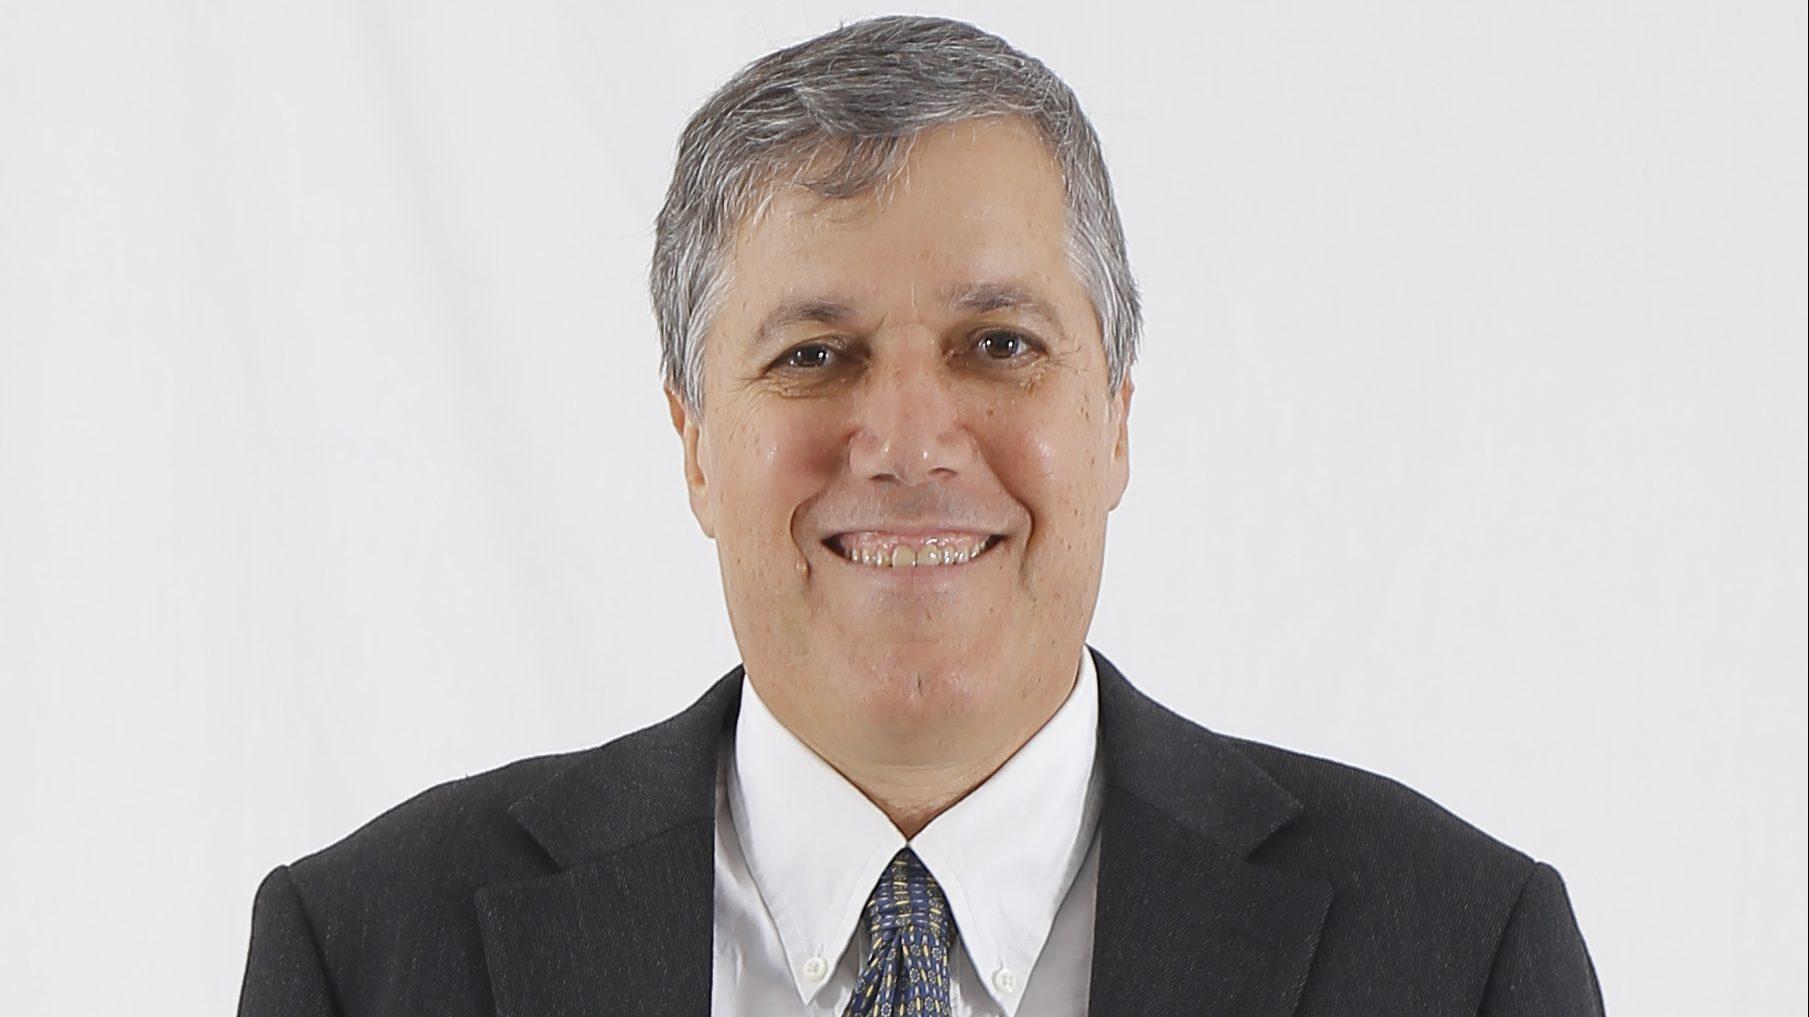 """מבטחים ומבטחים: אפי כהן, מנכ""""ל יונט פתרונות: יונט בתנופה"""